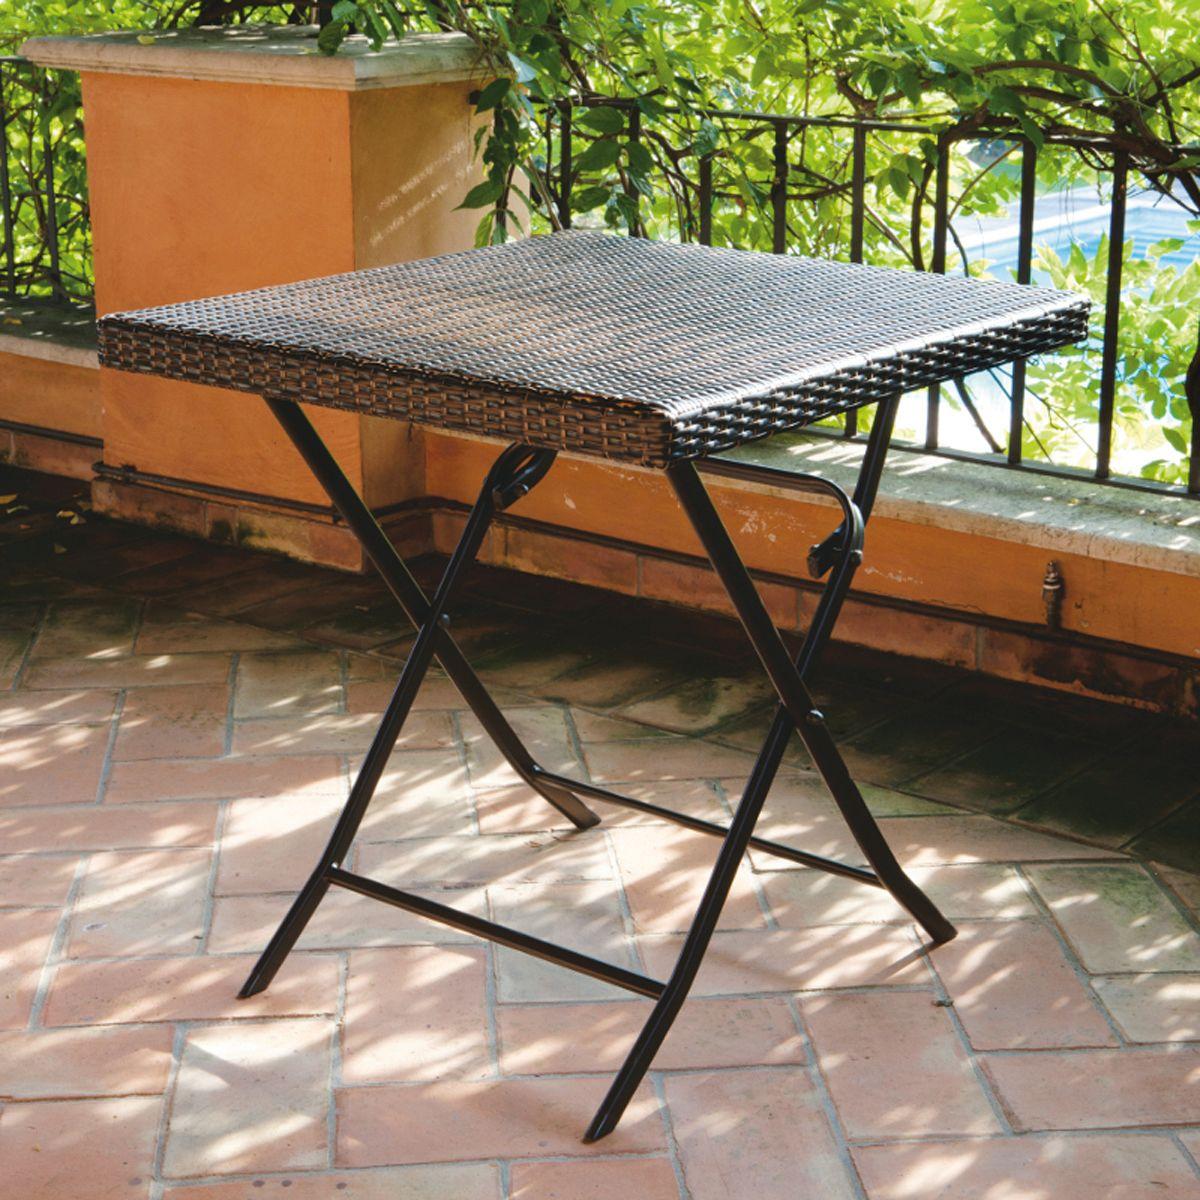 Tavolo pieghevole 60 x 60 cm antracite prezzi e offerte - Tavolo pieghevole leroy merlin ...